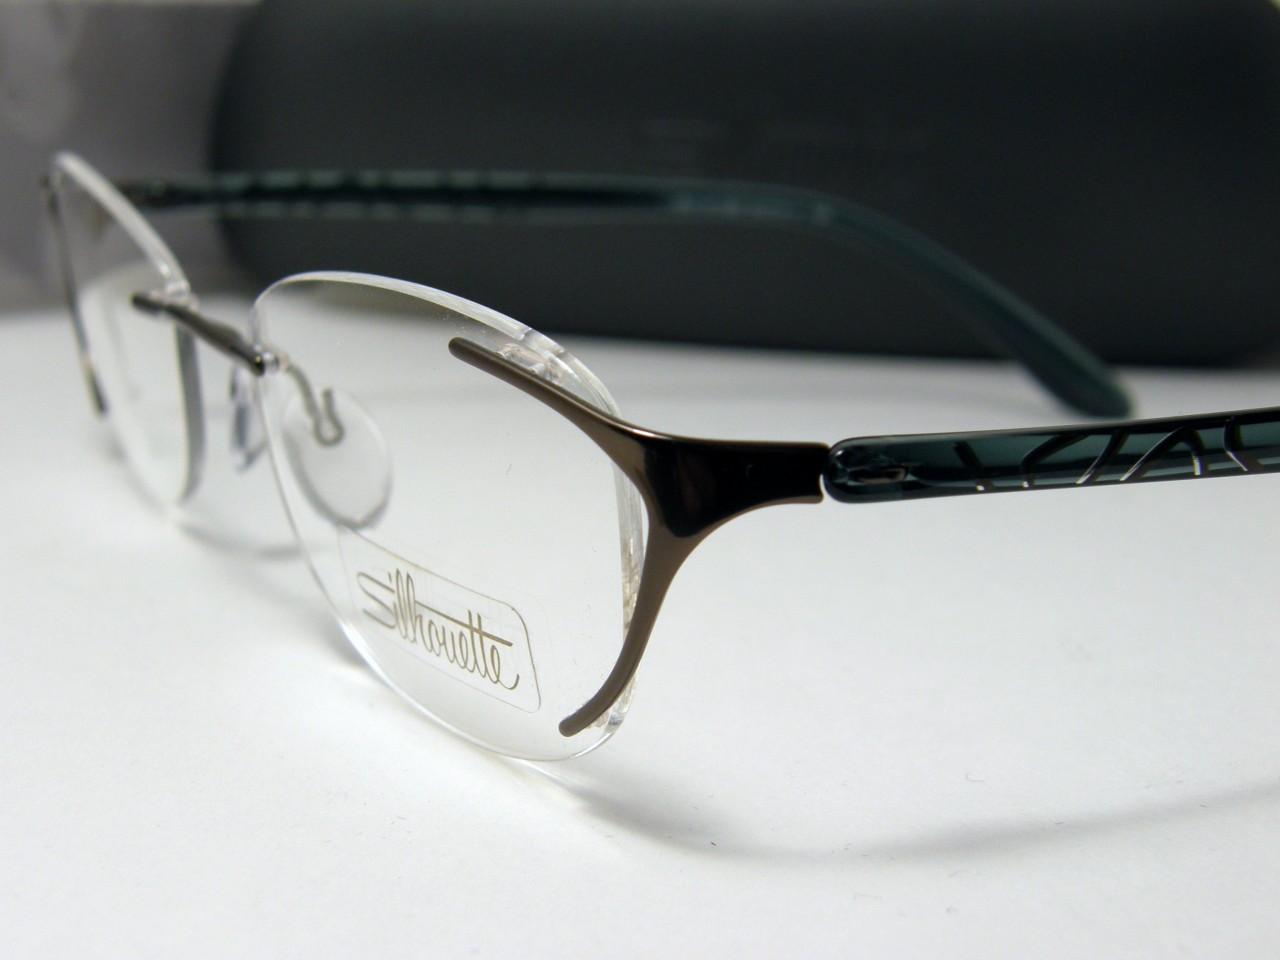 New Authentic Silhouette Titanium Rimless Eyeglasses 6659 ...